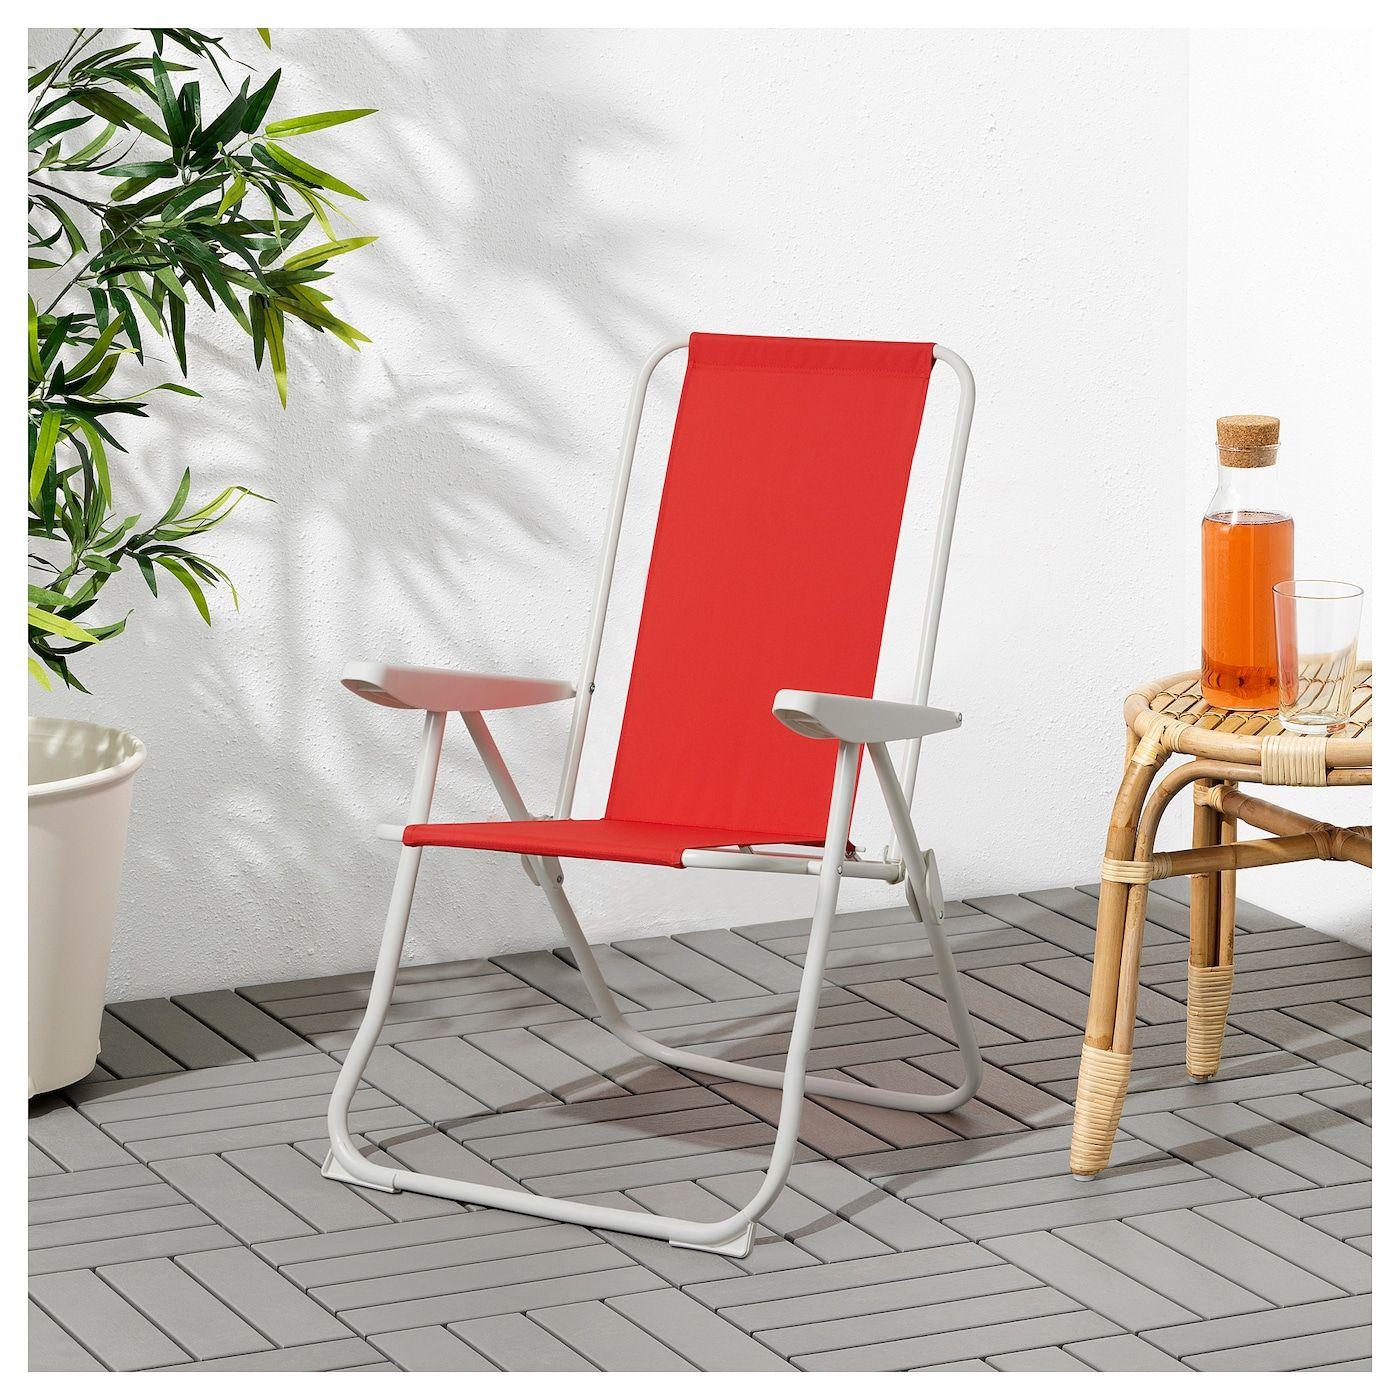 Håmö Reclining Chair - Red   Chaise Fauteuil, Fauteuil ... dedans Transat Ikea